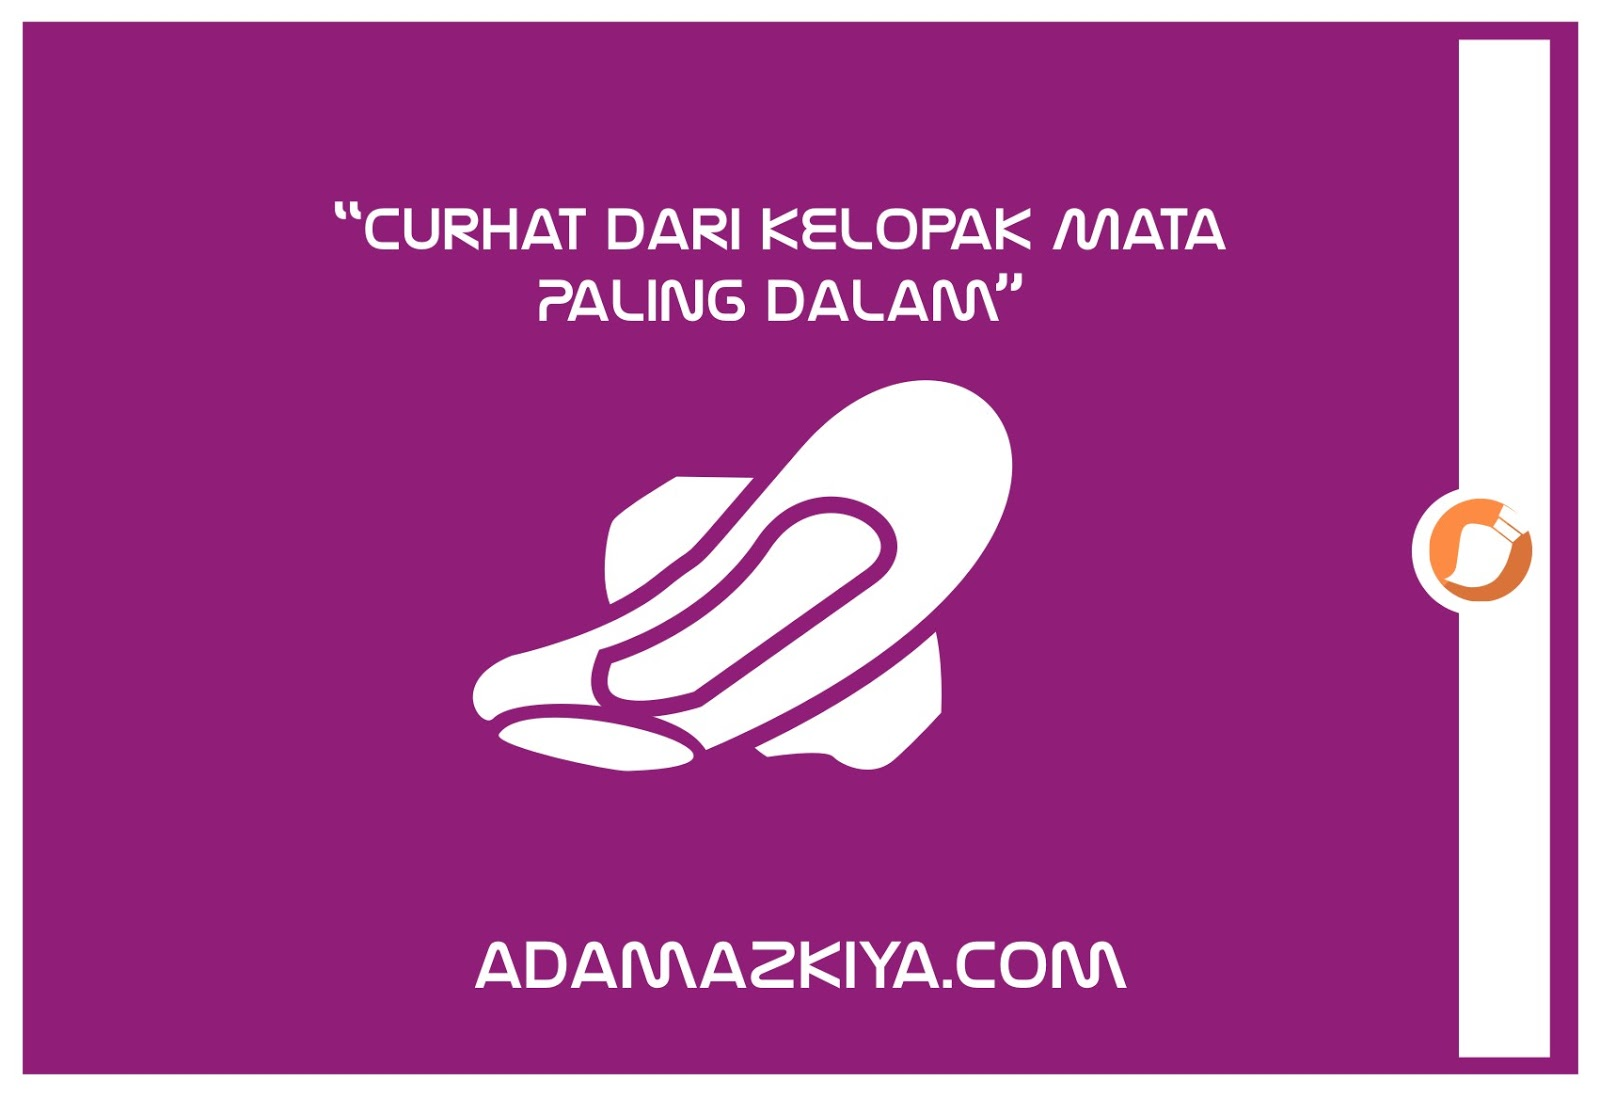 Adam Azkiya